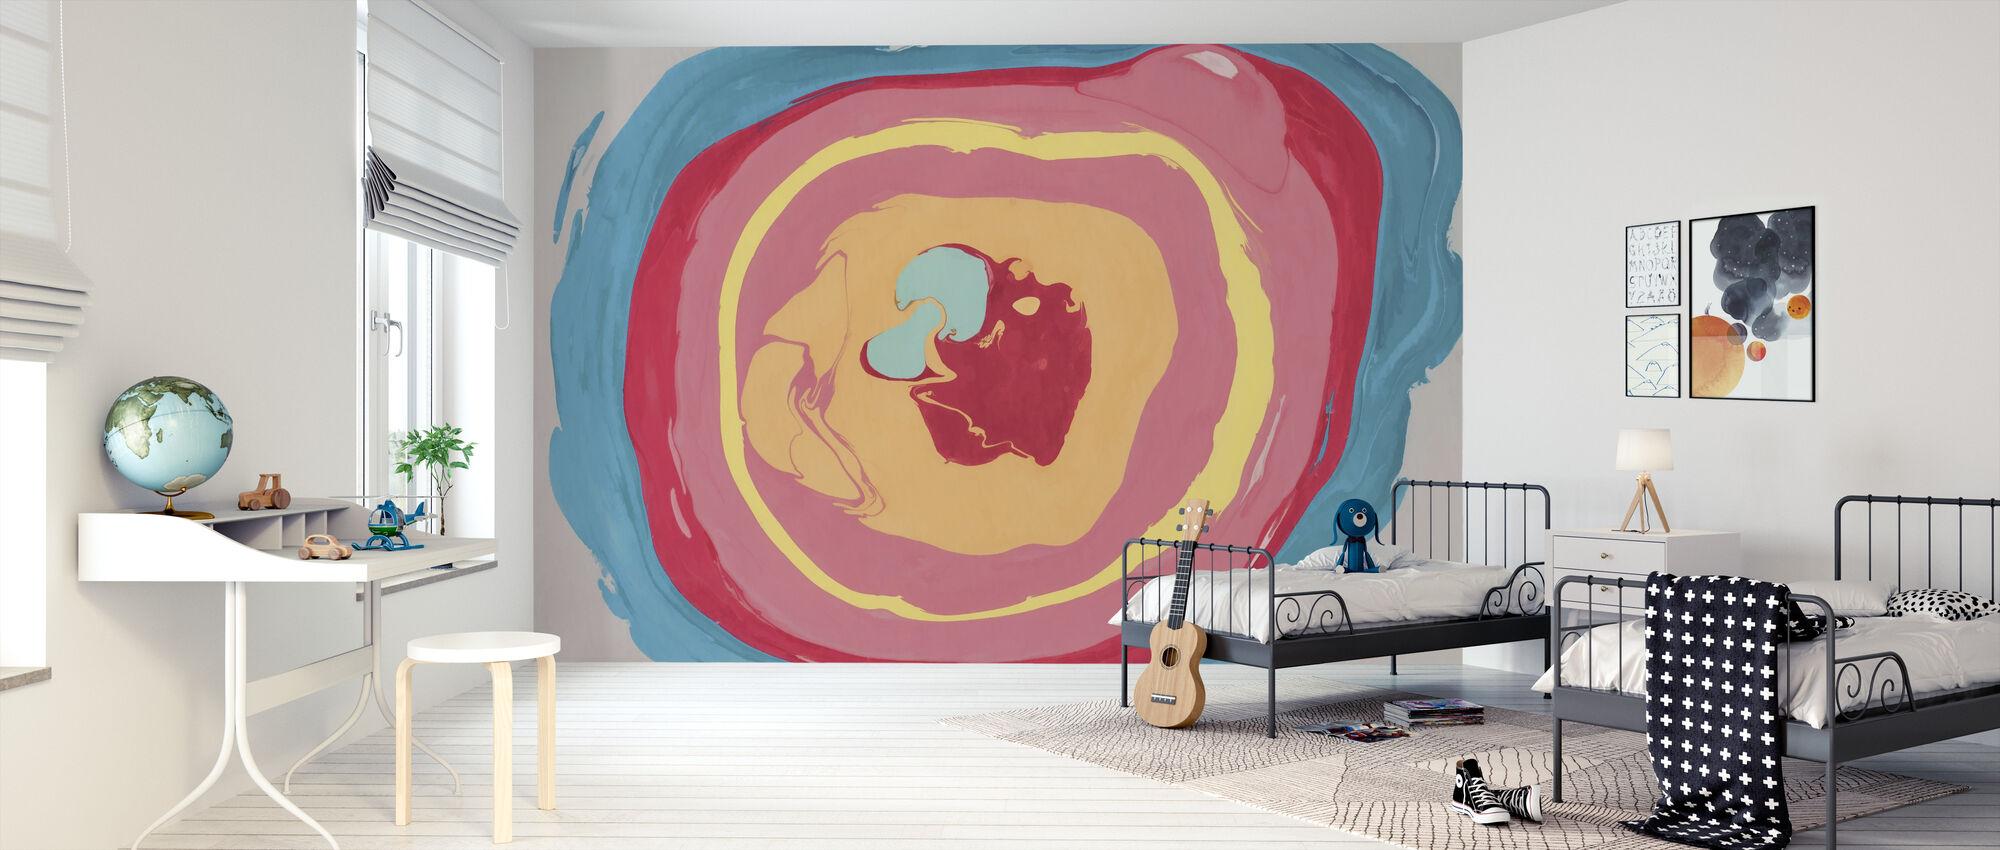 Abstracte marmeren verf - Behang - Kinderkamer